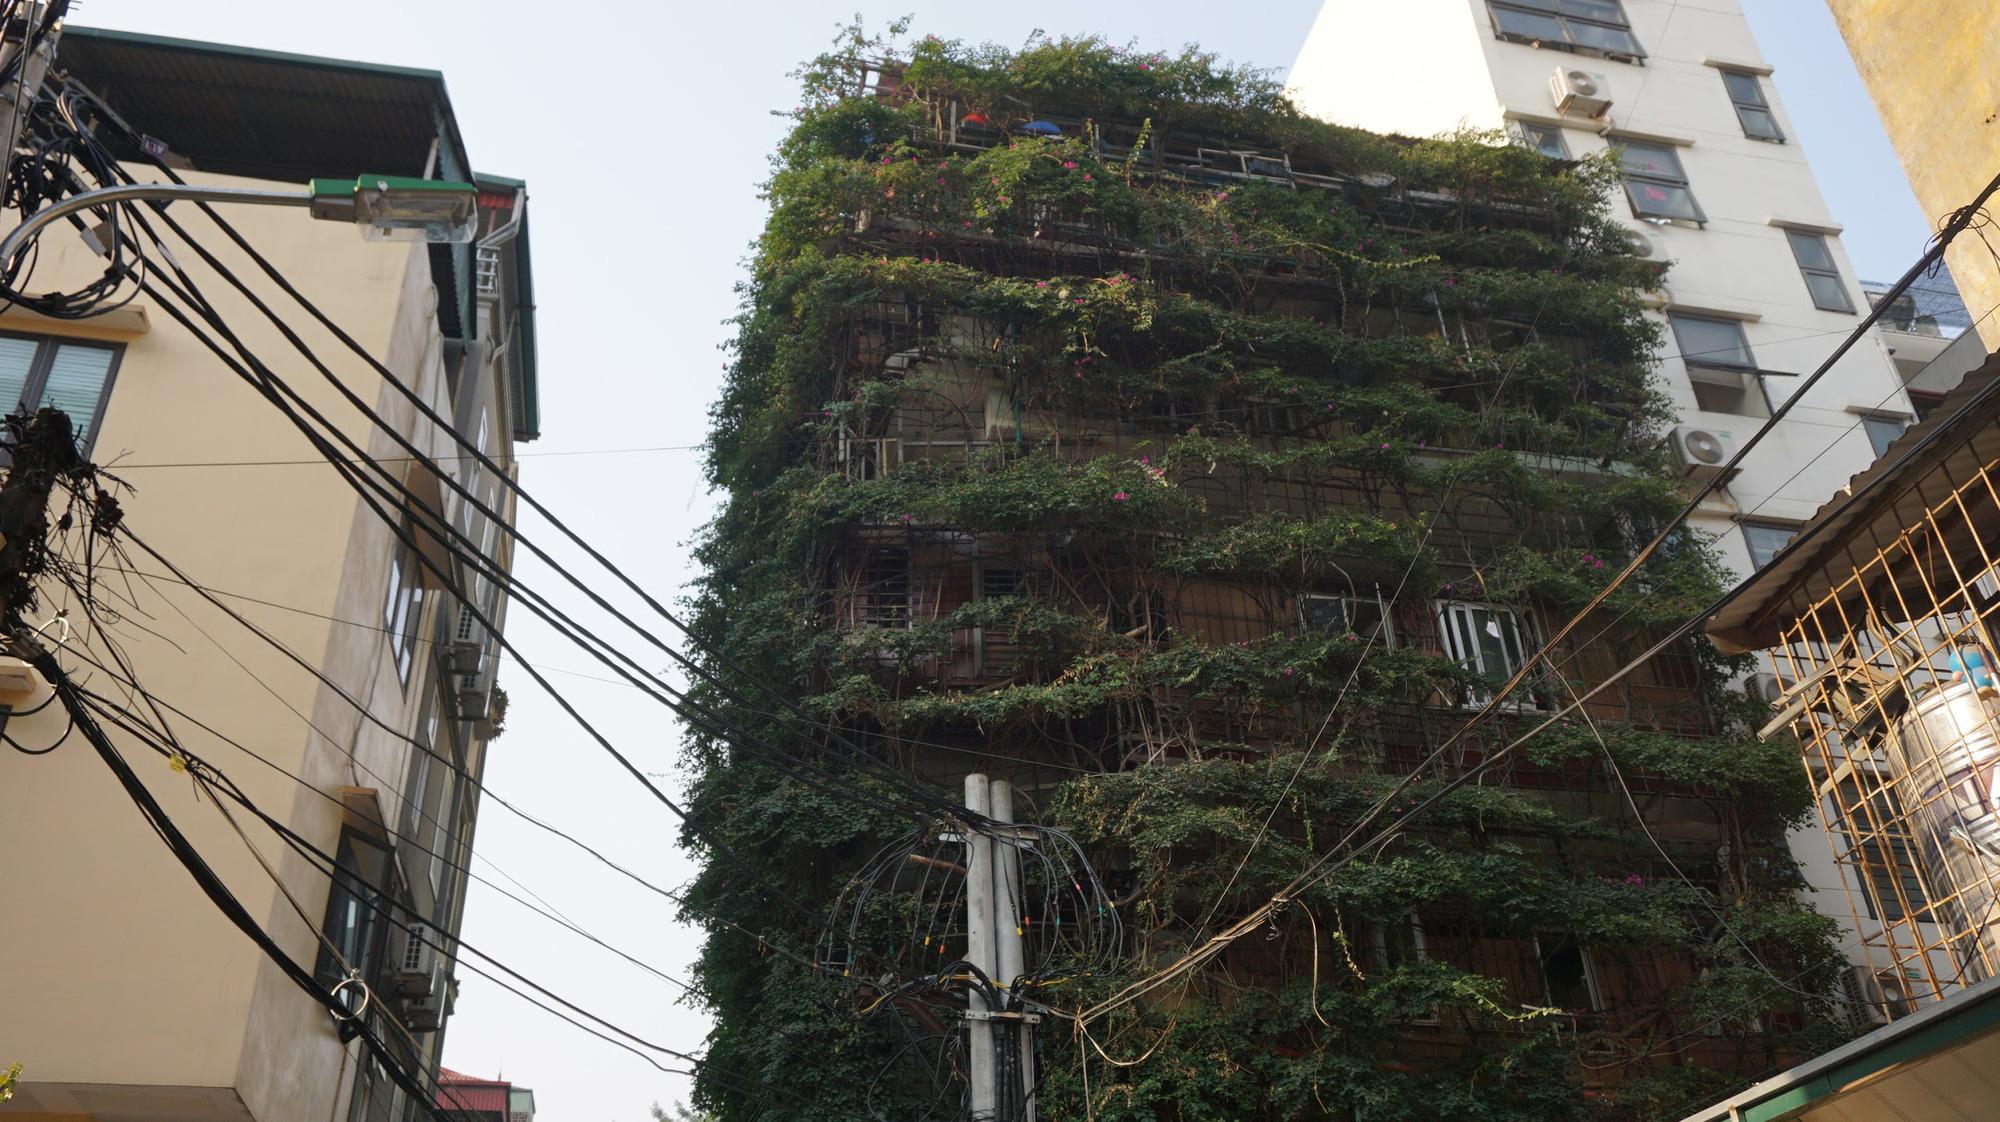 Nhà cây 5 tầng phủ kín hoa giấy ở Hà Nội, ai đi qua cũng dừng lại ngắm - Ảnh 4.